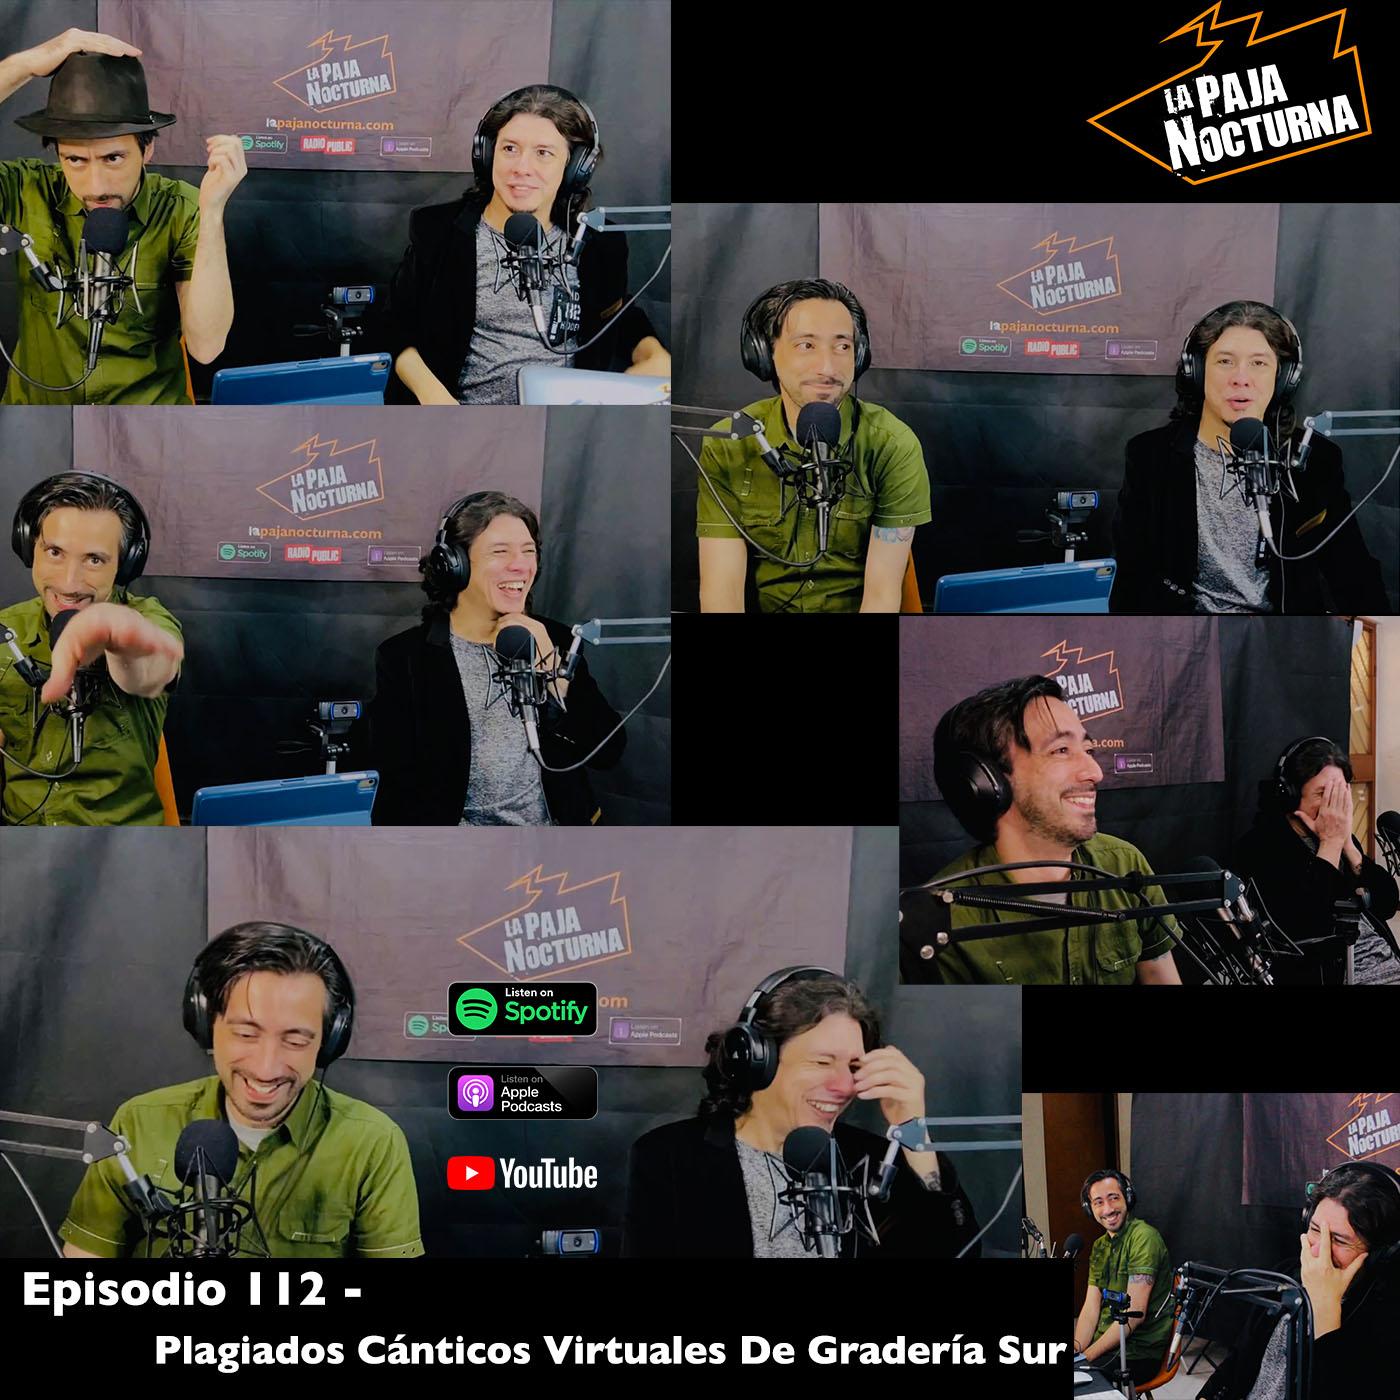 La paja nocturna podcast Episodio 112